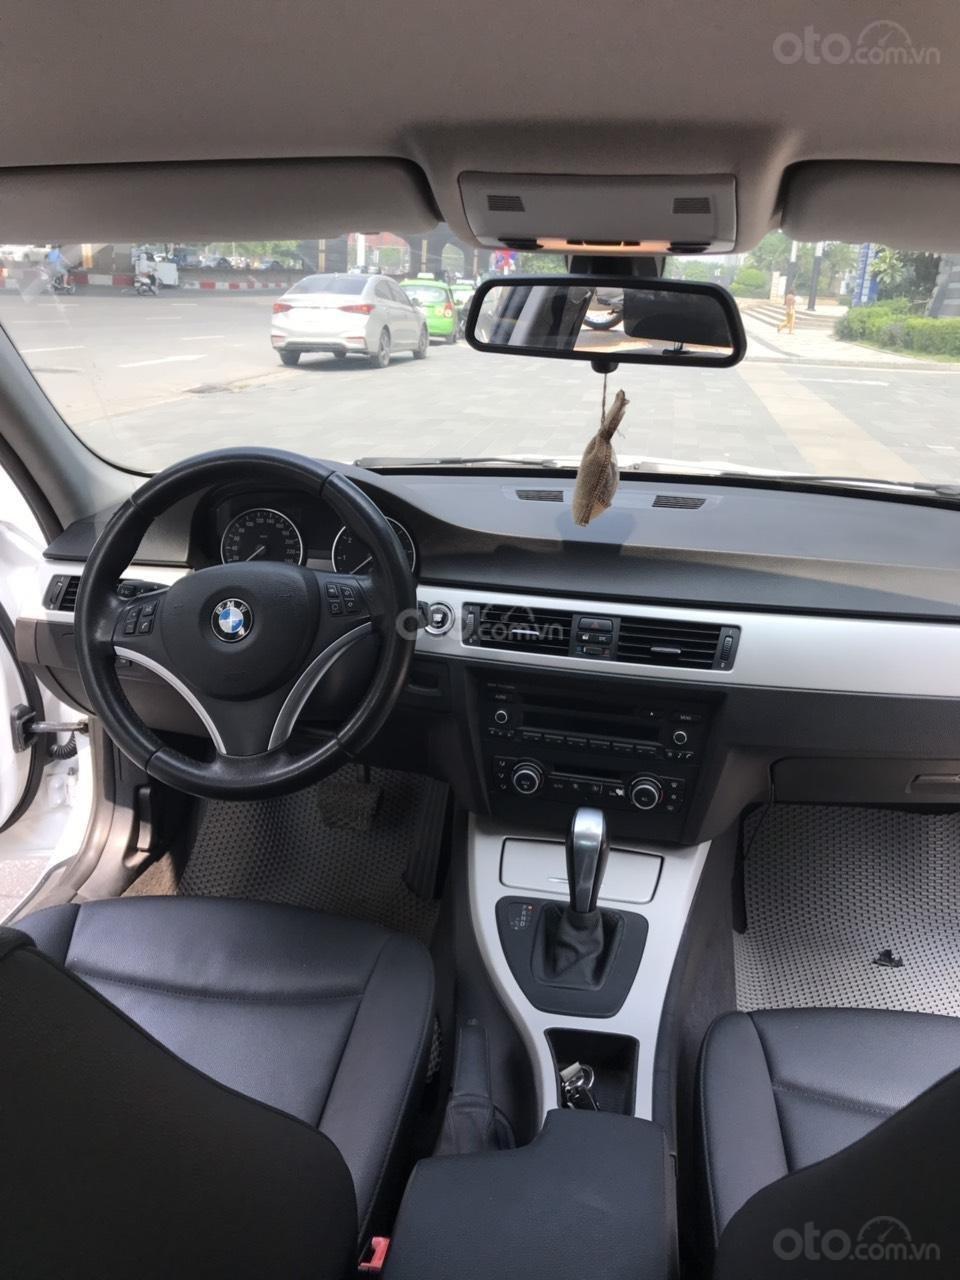 Bán xe BMW 325i sản xuất năm 2010, màu trắng, nhập khẩu (7)